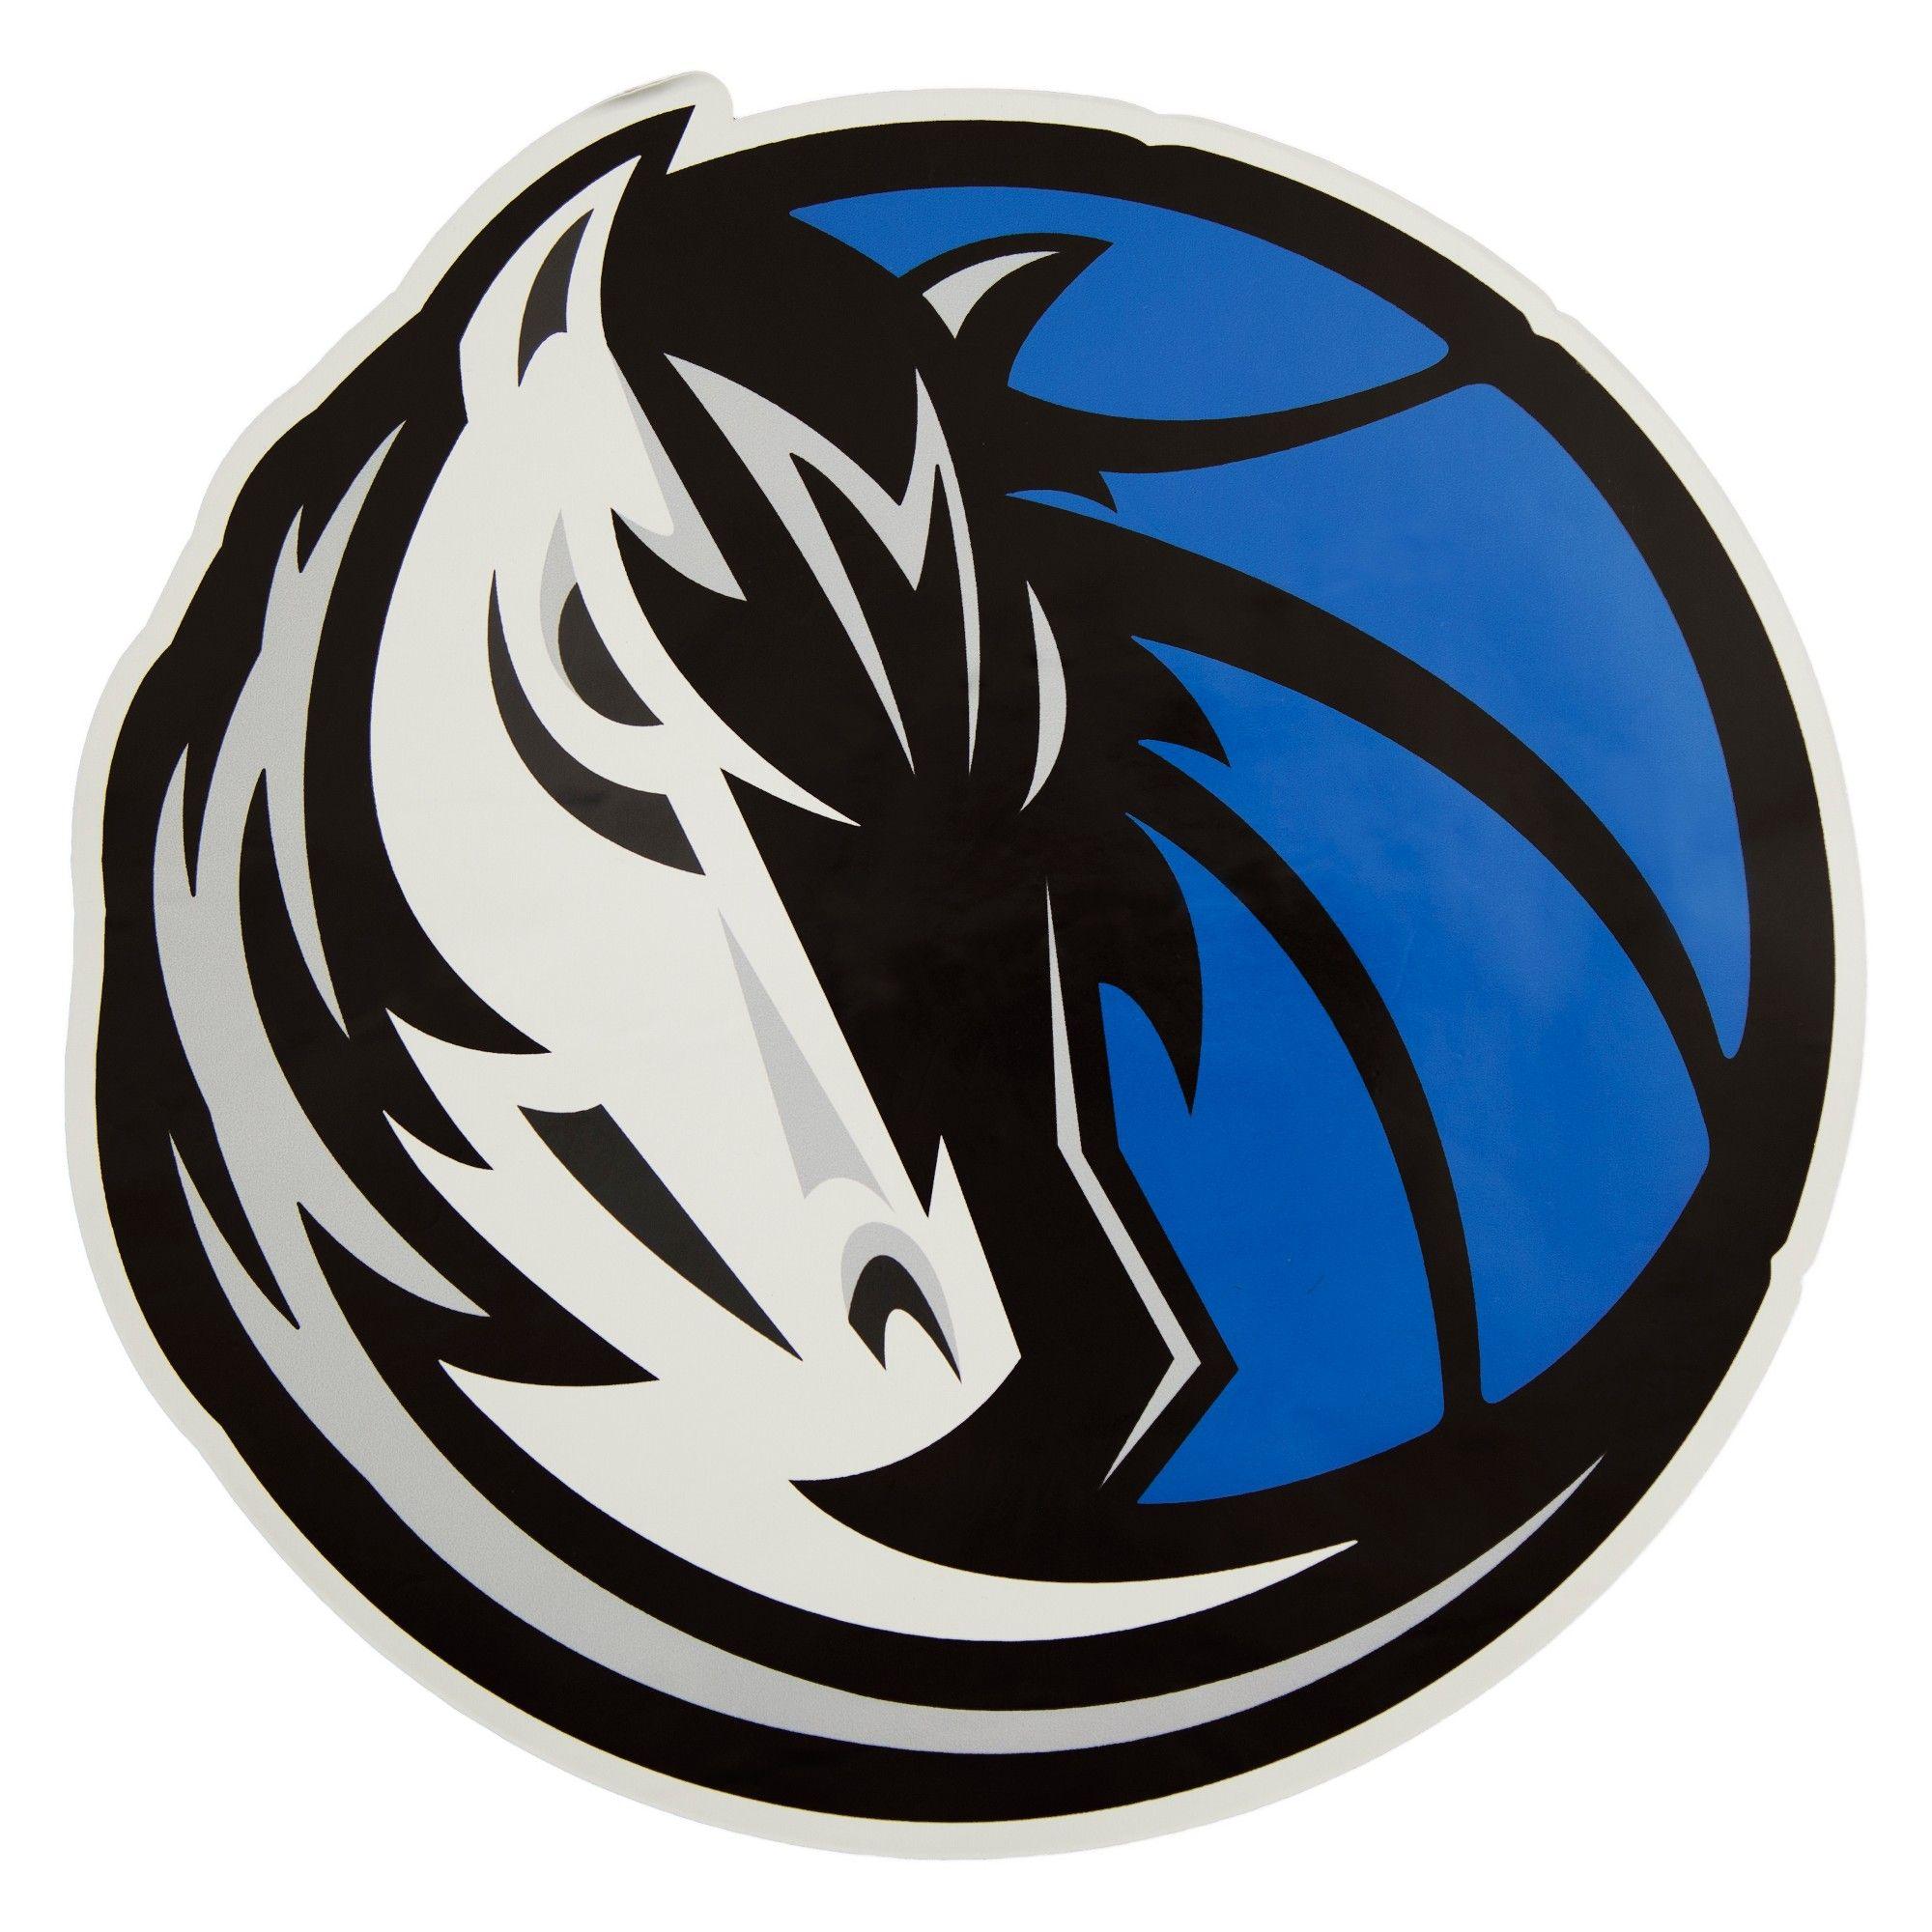 online retailer 01d1f 0b35e NBA Dallas Mavericks Small Outdoor Logo Decal | A reorganise ...